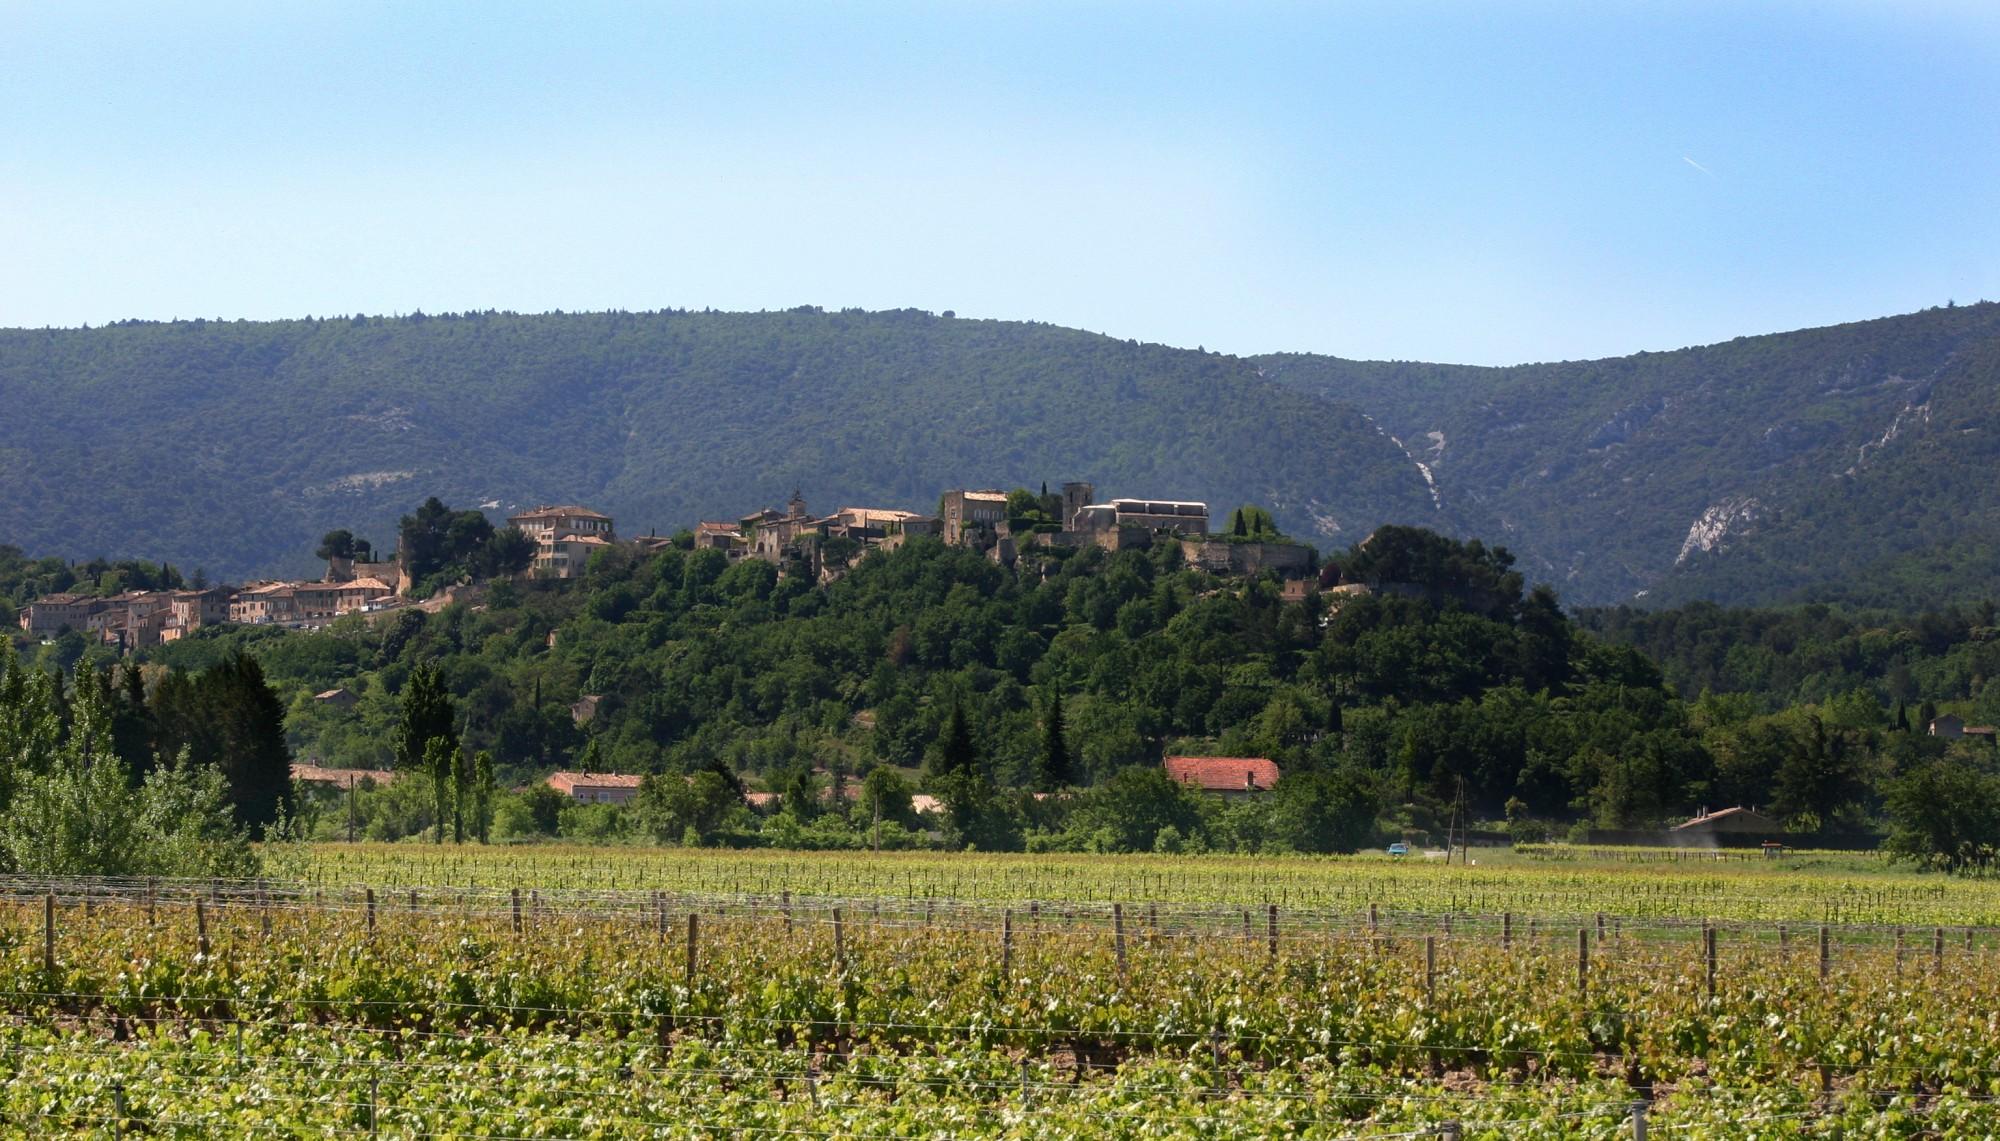 MENERBES, un des plus beaux villages de France niché dans le Luberon